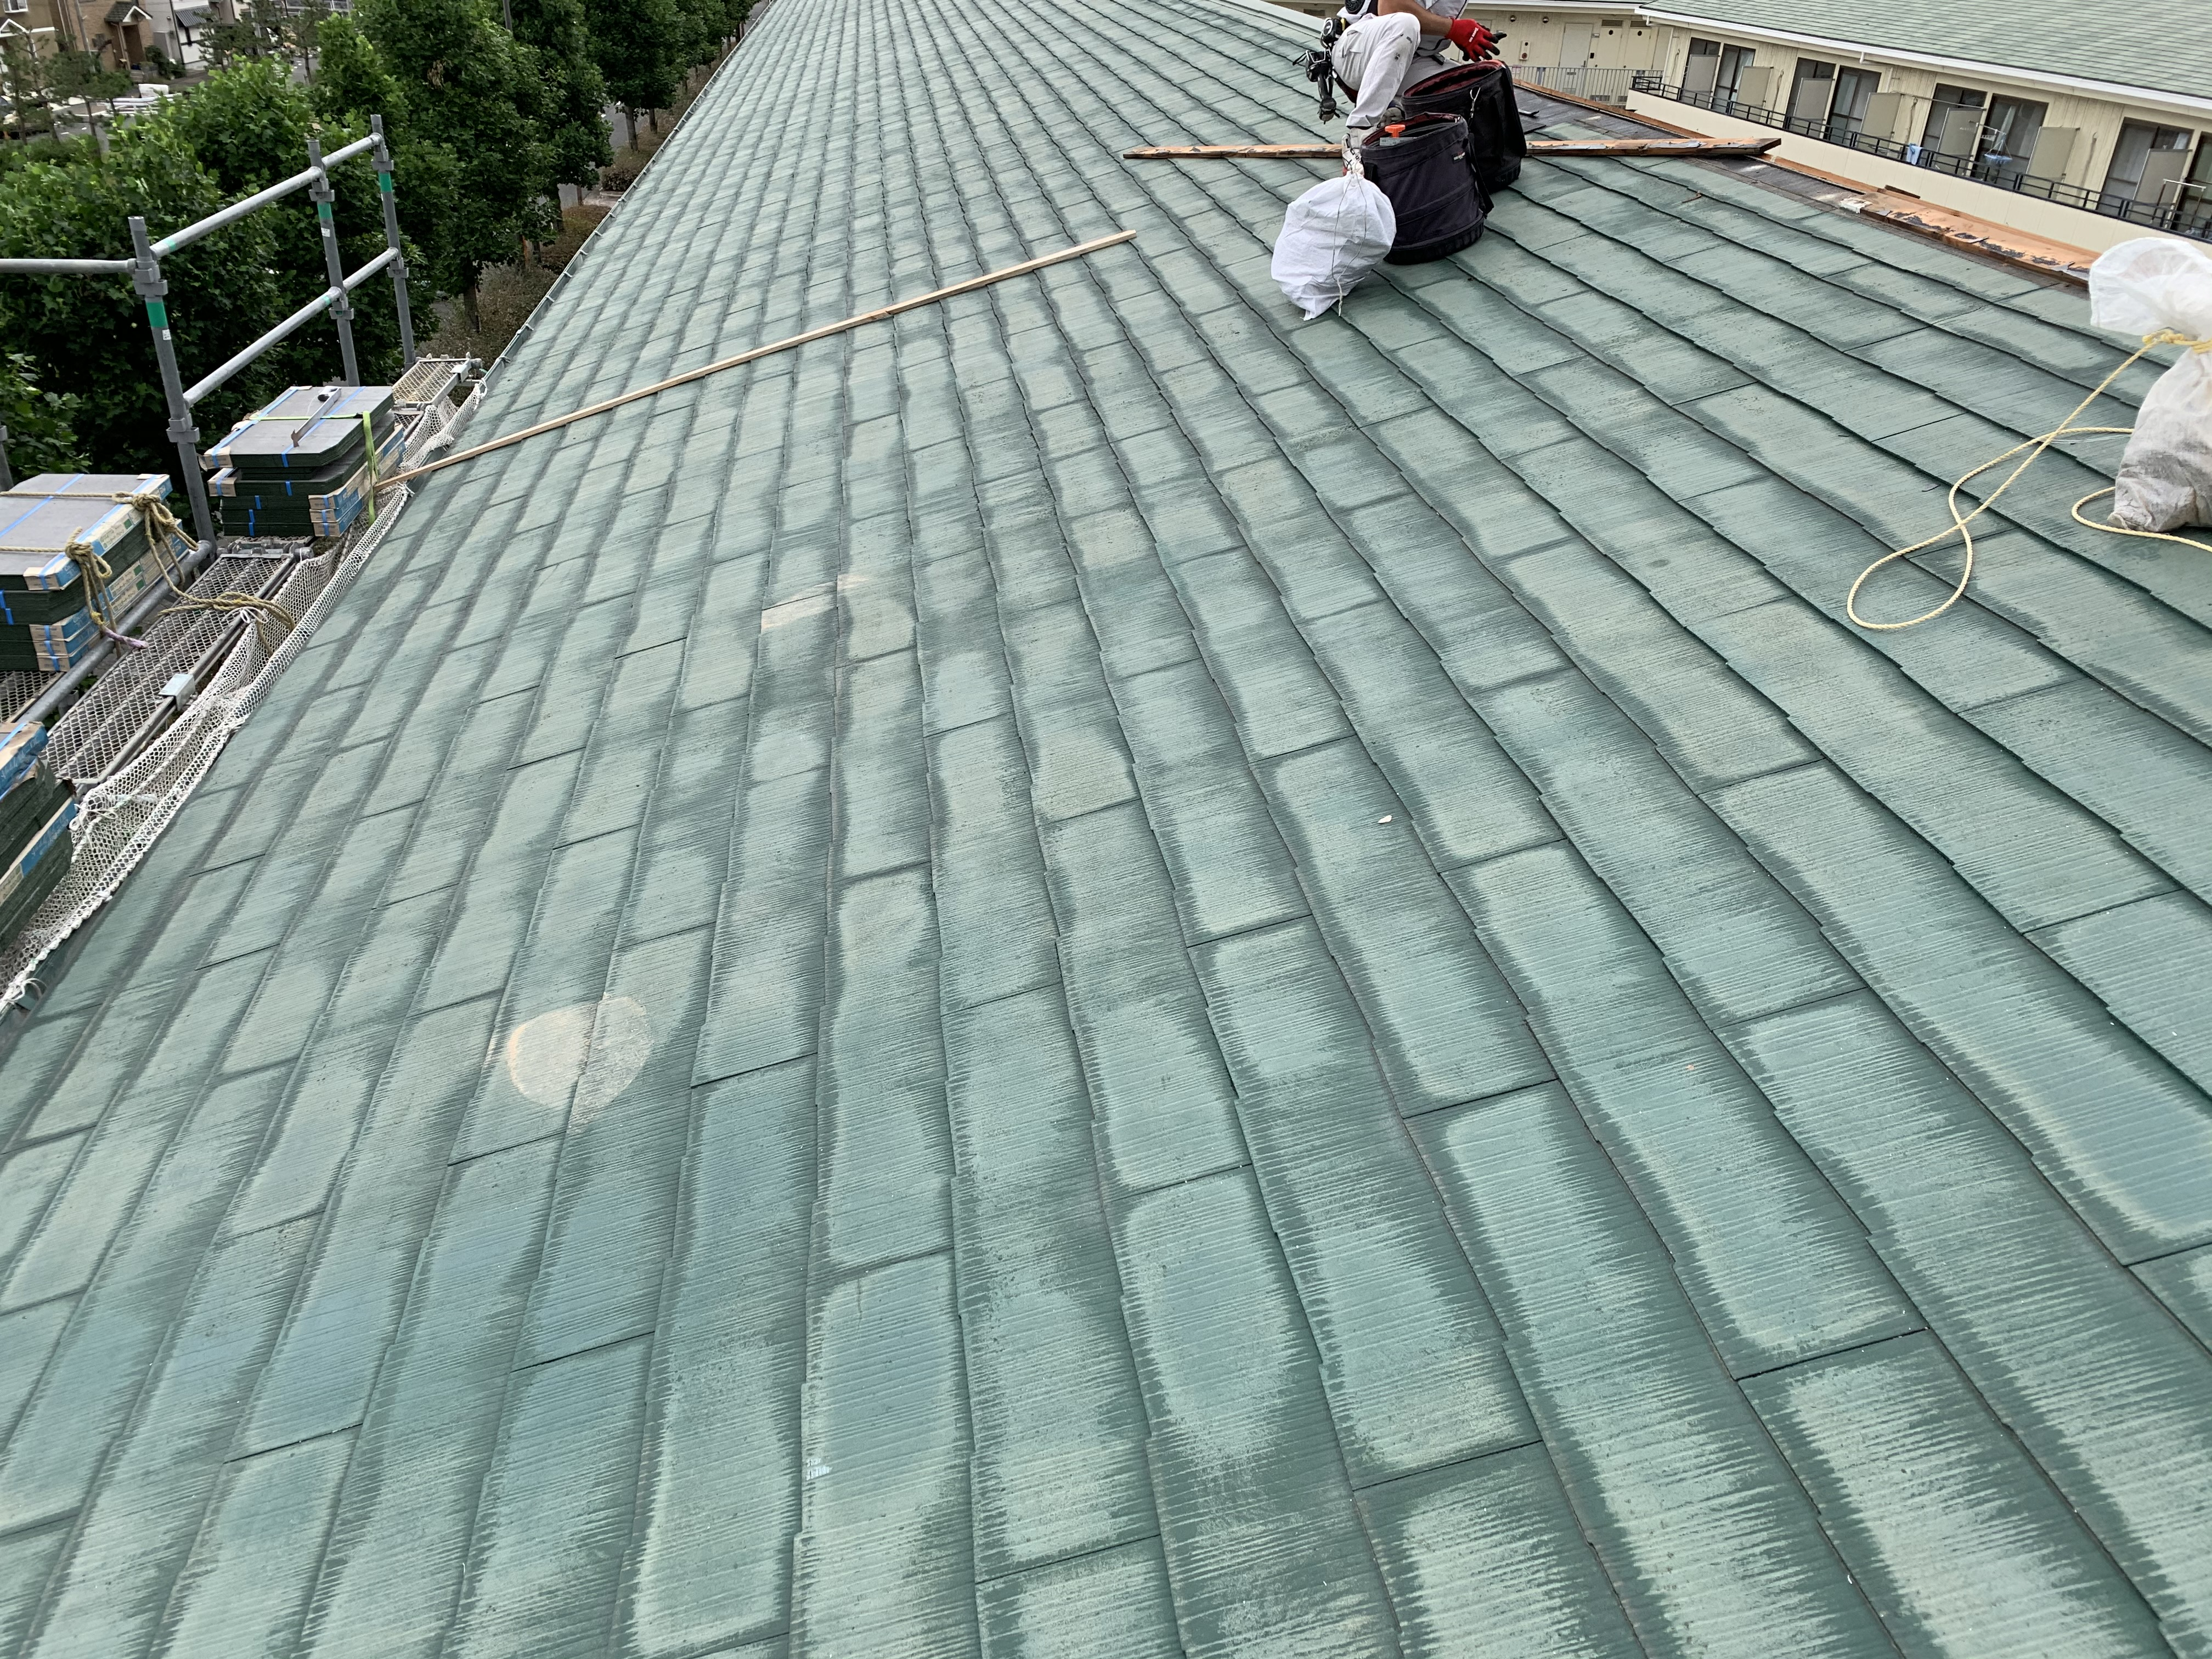 泉佐野市ハイツ雨漏り修繕工事着工しました!!